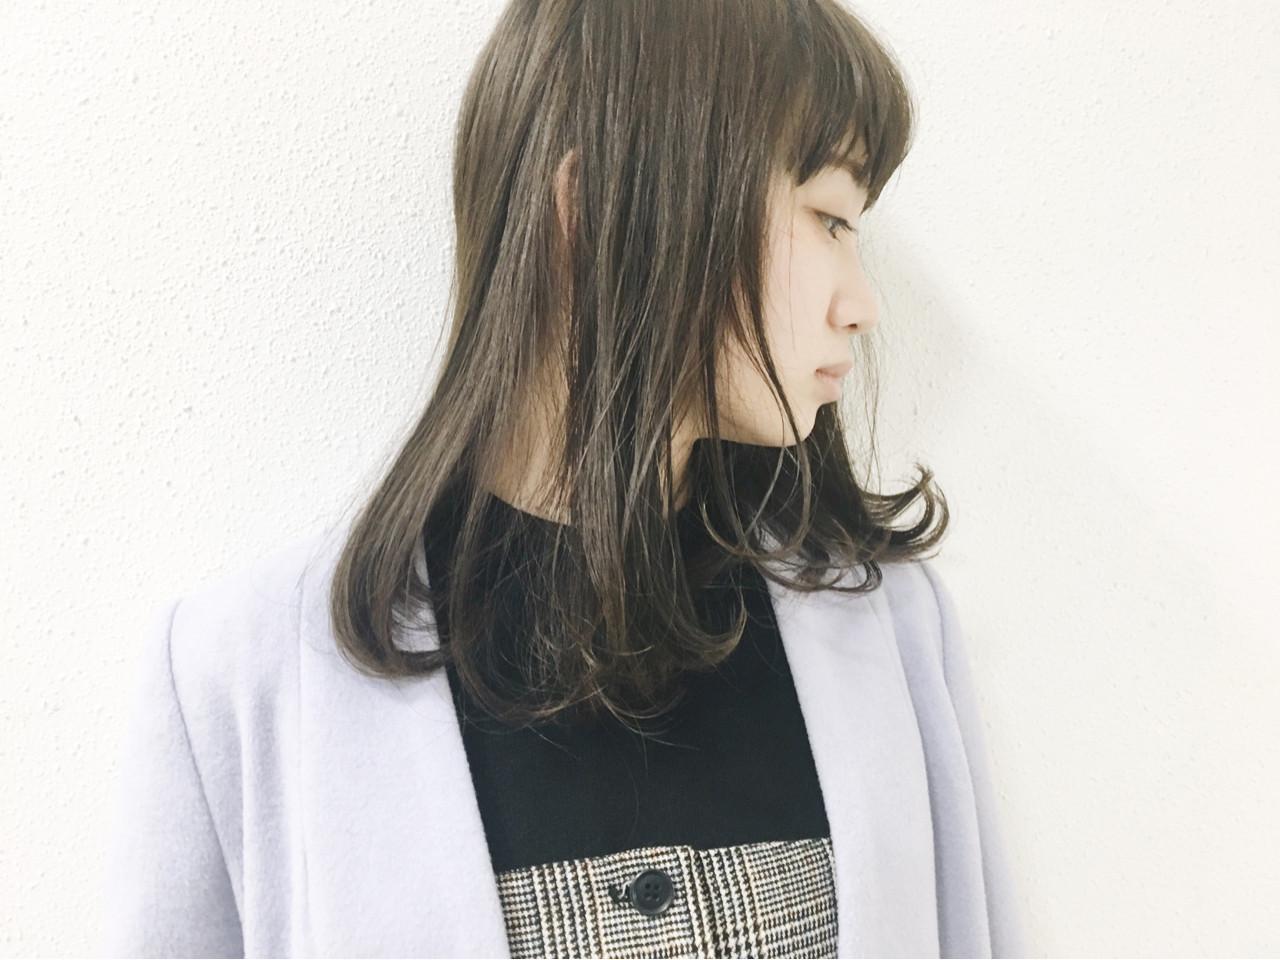 グレージュ ダークアッシュ ナチュラル オリーブアッシュ ヘアスタイルや髪型の写真・画像 | 長 賢太郎 / ky-go